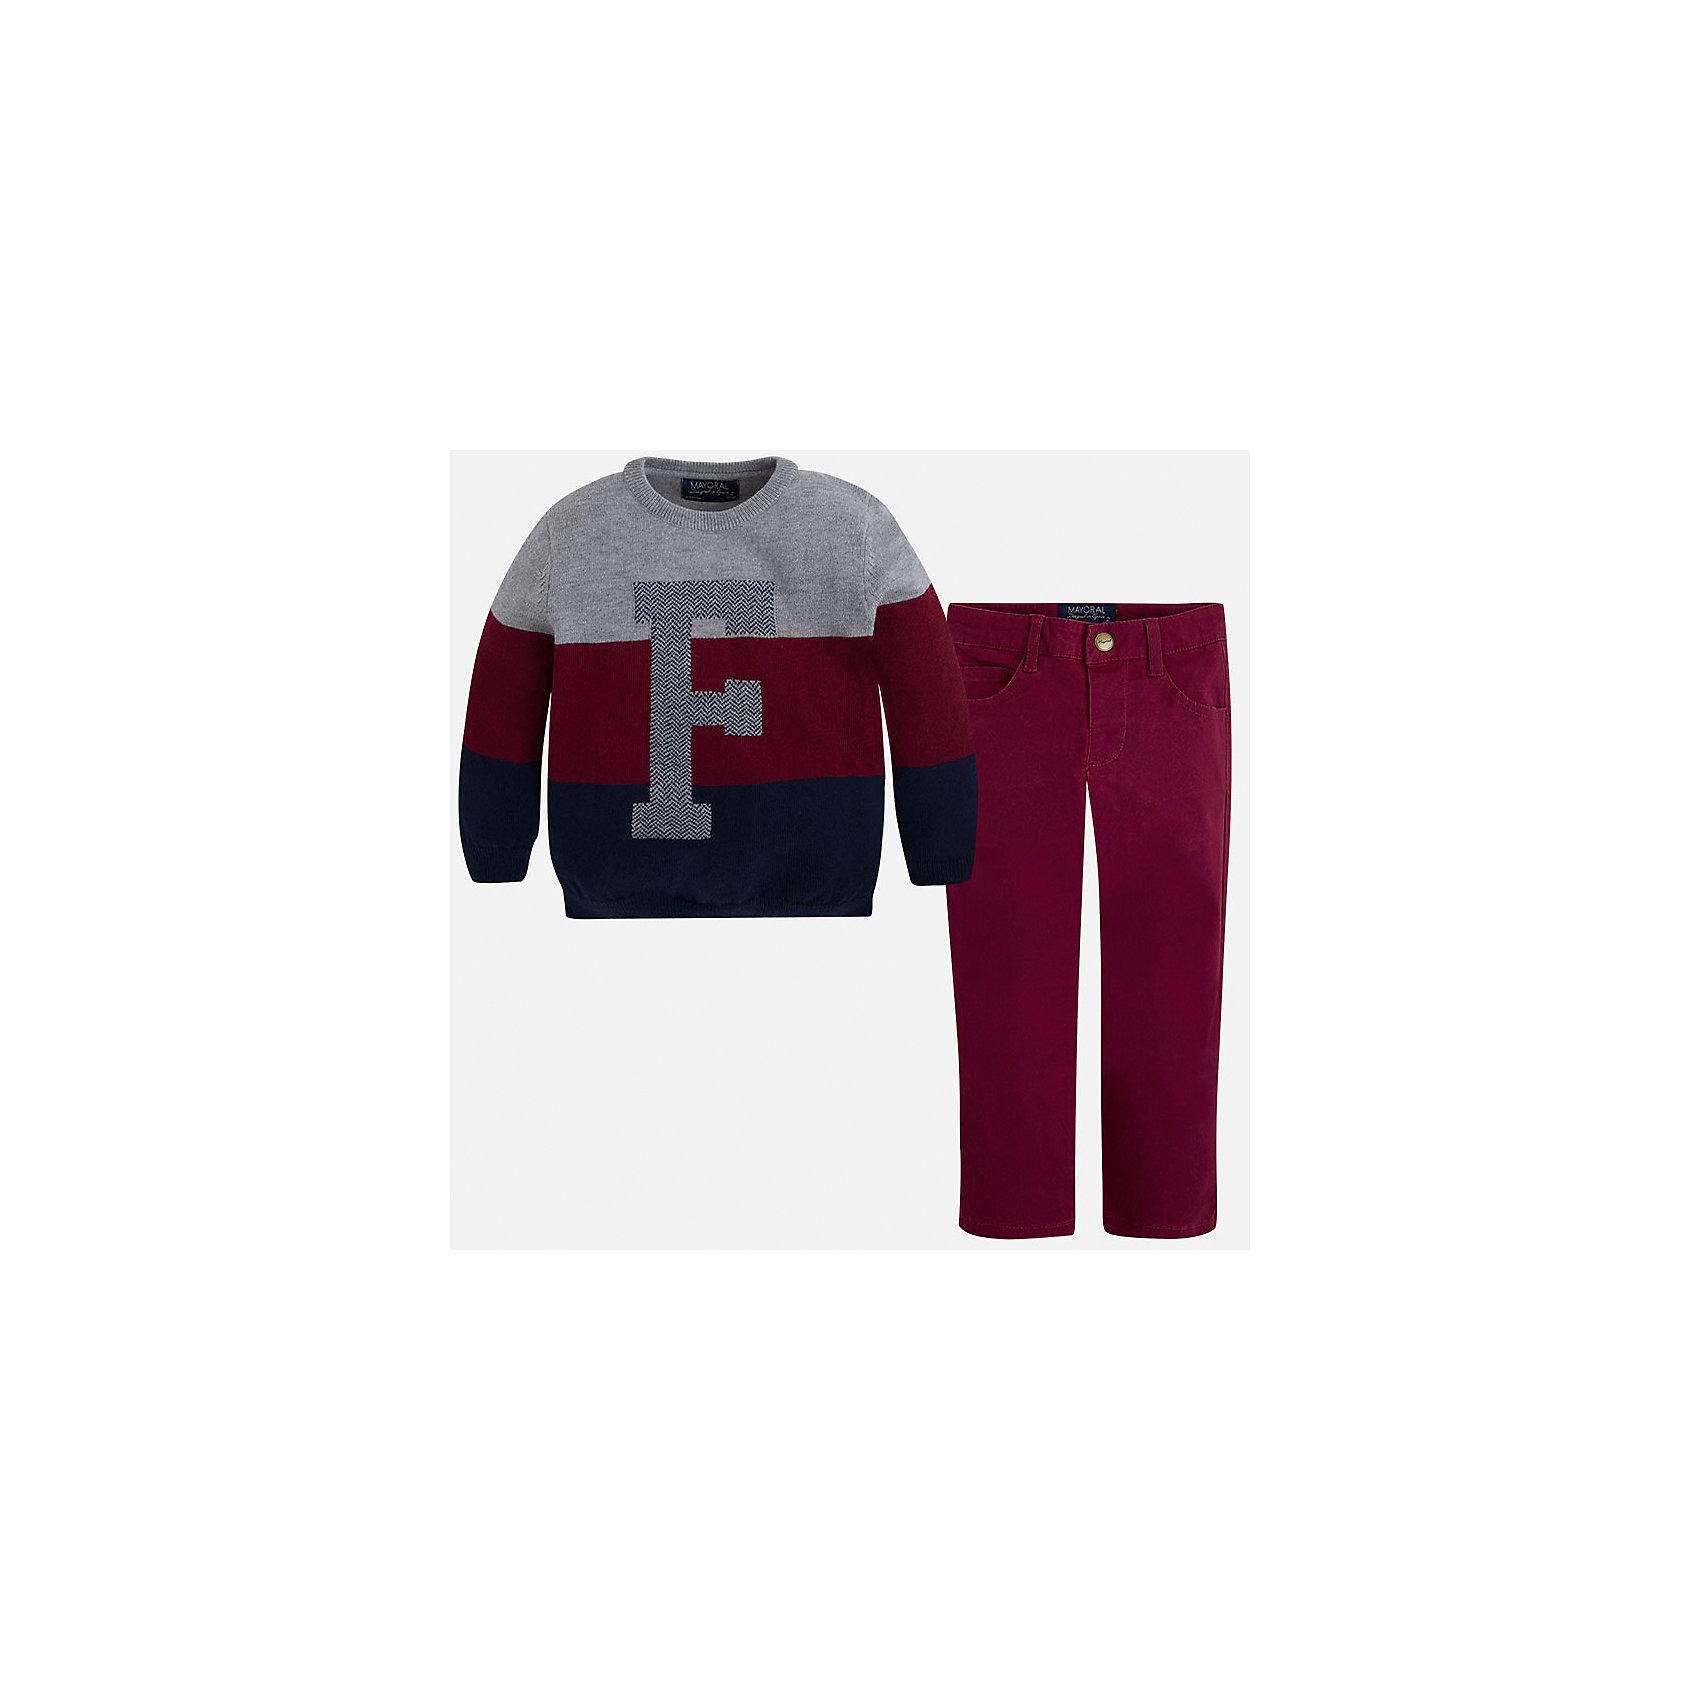 Комплект: брюки и свитер для мальчика MayoralКомплекты<br>Красивый комплект состоящий из свитера и брюк, отлично подойдет юному моднику.<br><br>Дополнительная информация:<br><br>- В комплекте: брюки и свитер.<br>- Крой: прямой крой.<br>- Страна бренда: Испания.<br>- Состав: хлопок 60%, полиамид 30%, шерсть 10%.<br>- Цвет: вишневый.<br>- Уход: бережная стирка при 30 градусах.<br><br>Купить комплект брюки и свитер для мальчика Mayoral, можно в нашем магазине.<br><br>Ширина мм: 190<br>Глубина мм: 74<br>Высота мм: 229<br>Вес г: 236<br>Цвет: бордовый<br>Возраст от месяцев: 48<br>Возраст до месяцев: 60<br>Пол: Мужской<br>Возраст: Детский<br>Размер: 110,104,122,134,128,116,98<br>SKU: 4826480